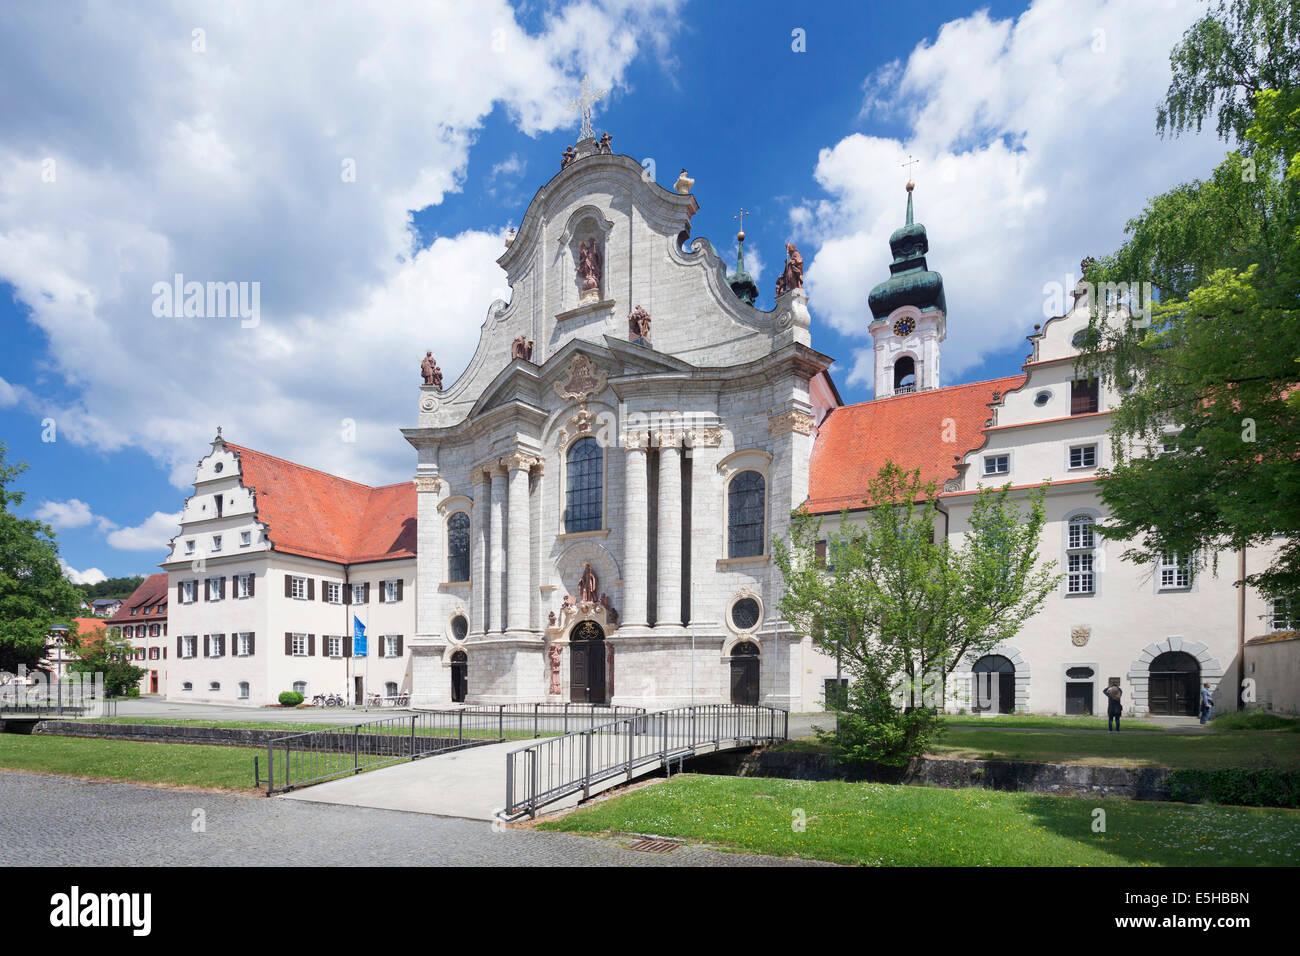 Kloster mit der barocken Kathedrale von Zwiesel, schwäbischen Alb, Baden-Württemberg, Deutschland Stockbild